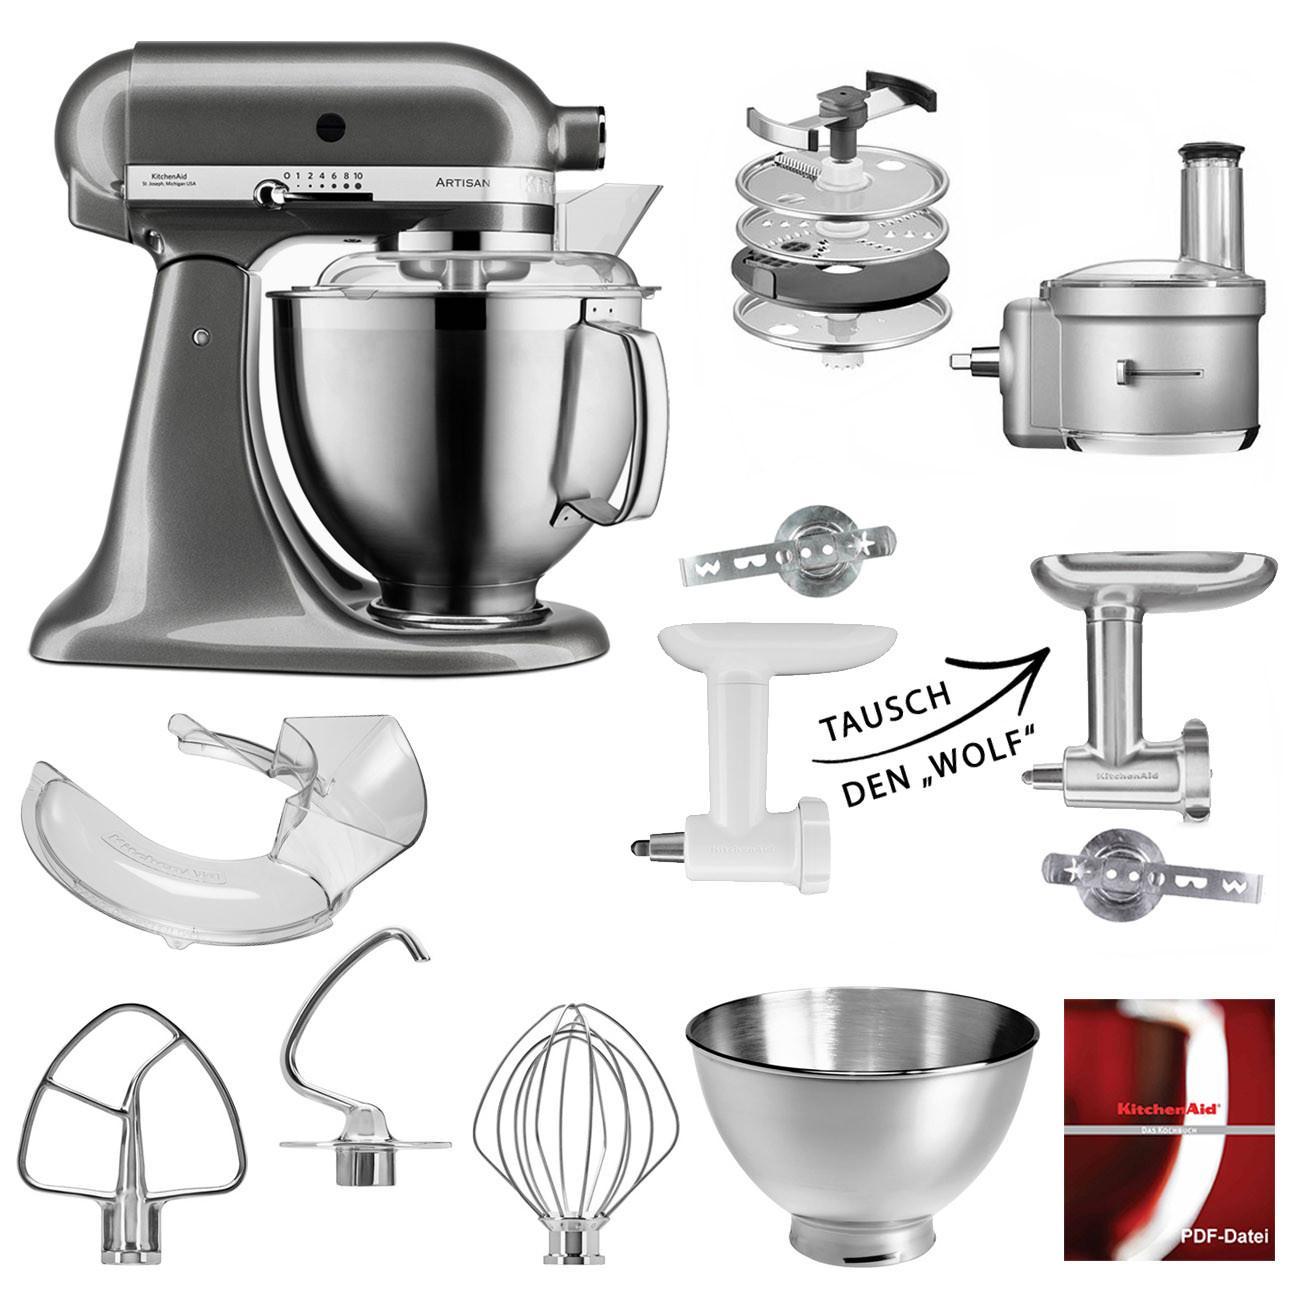 5KSM185PS PP KitchenAid Küchenmaschinen-Set mit Foodprocessor und Fleischwolf medallionsilber